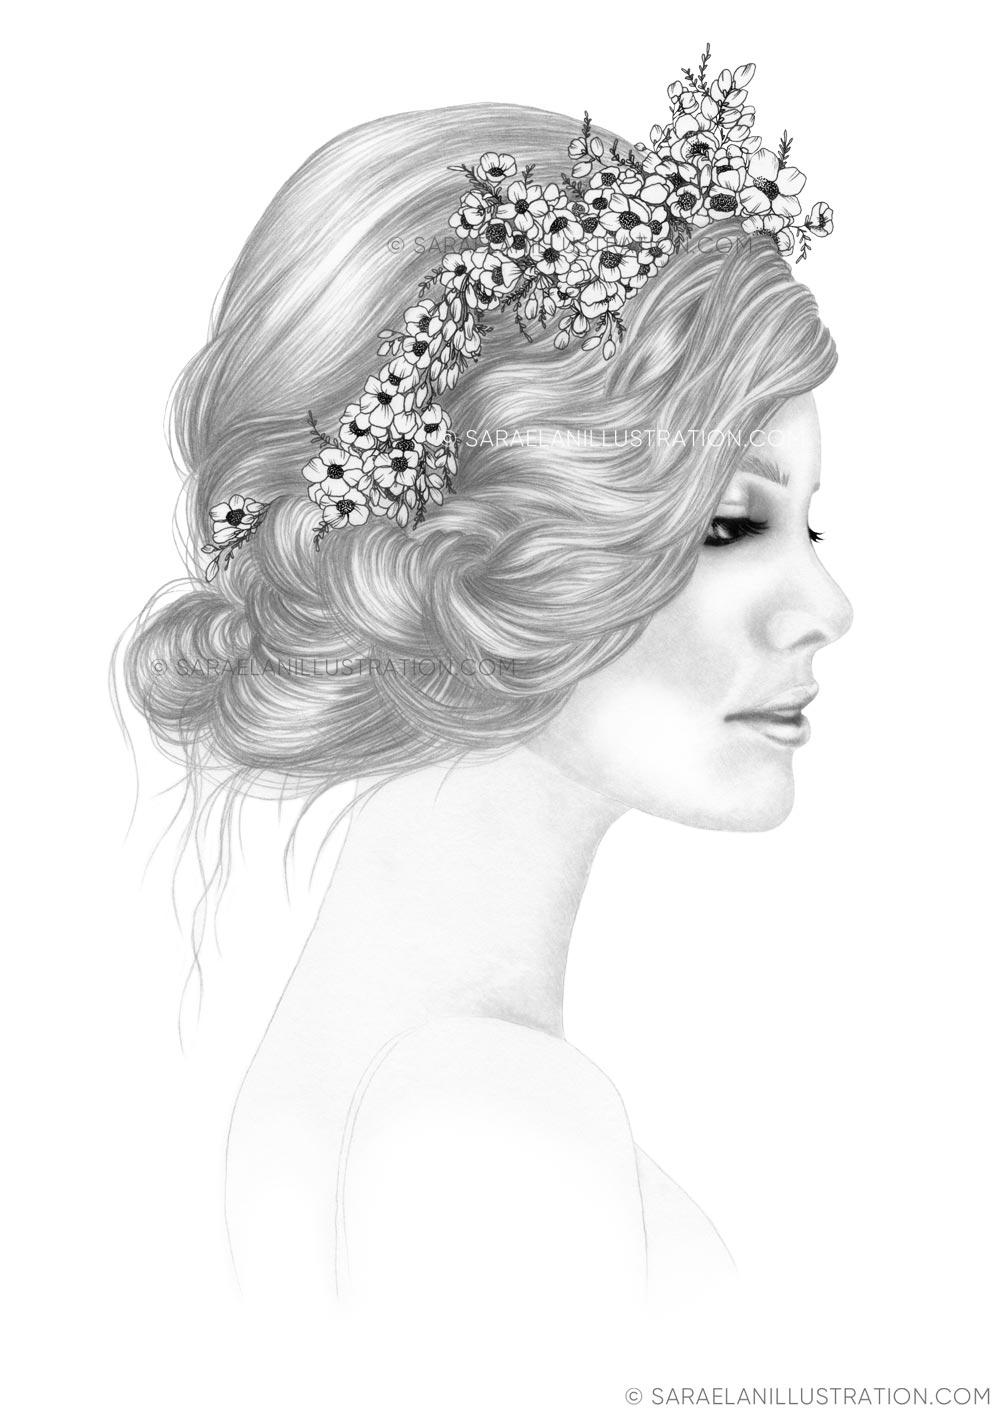 Disegno a matita e inchiostro di ragazza con fiori nei capelli